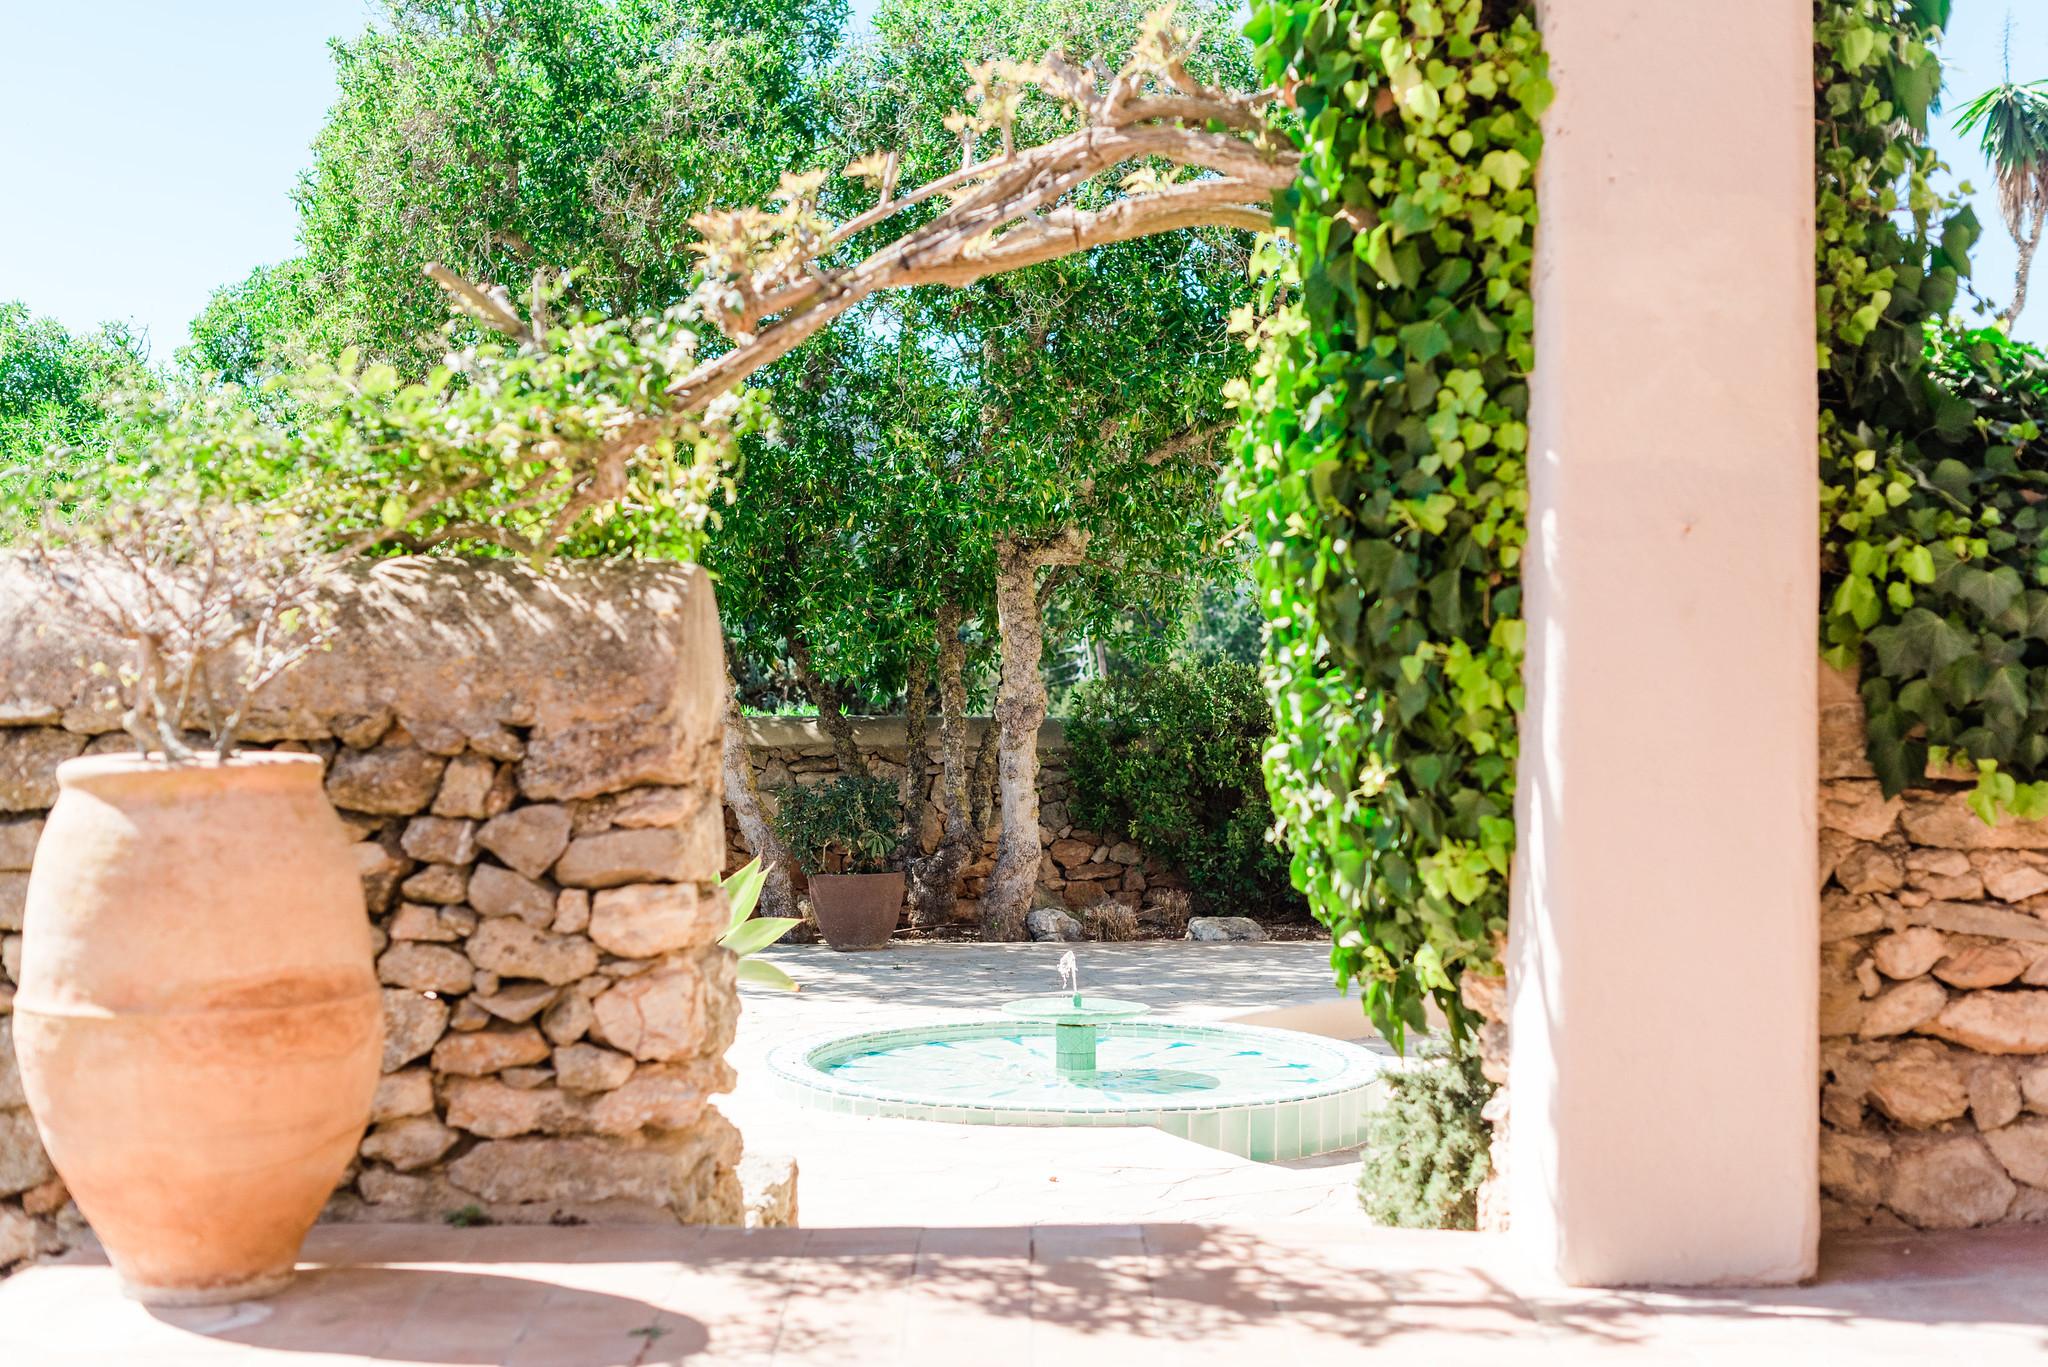 https://www.white-ibiza.com/wp-content/uploads/2020/06/white-ibiza-villas-villa-andrea-exterior-archway.jpg